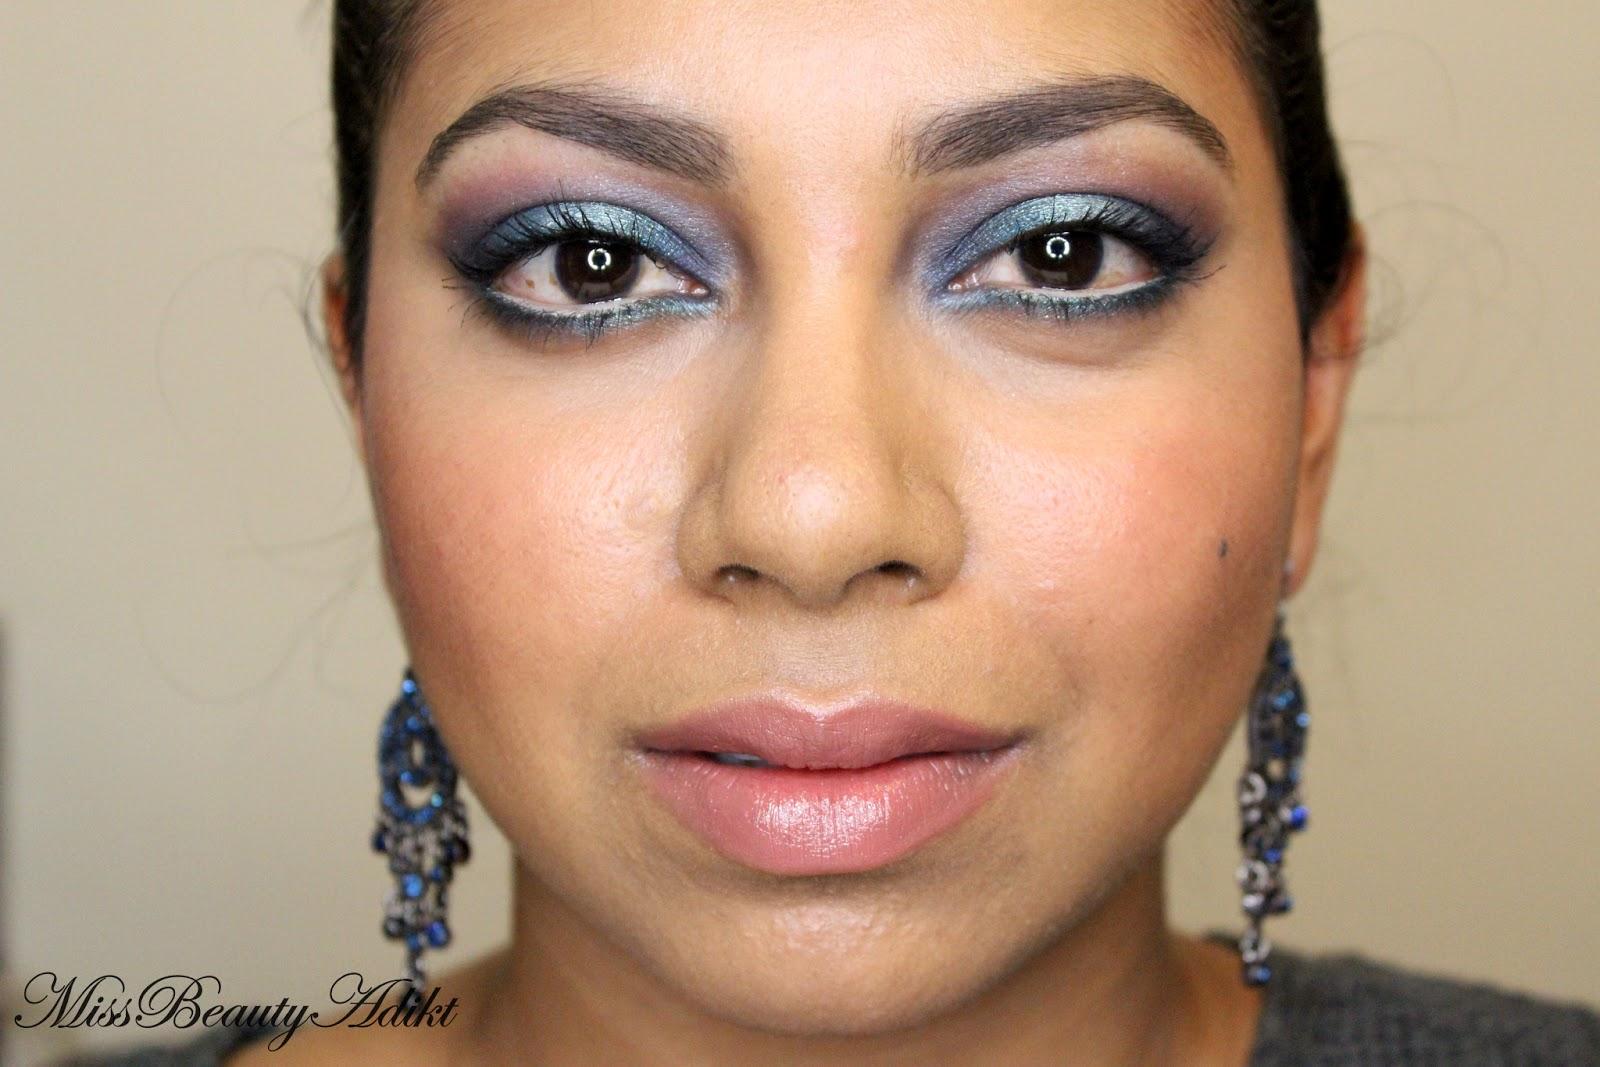 beyonce makeup tutorial - photo #8